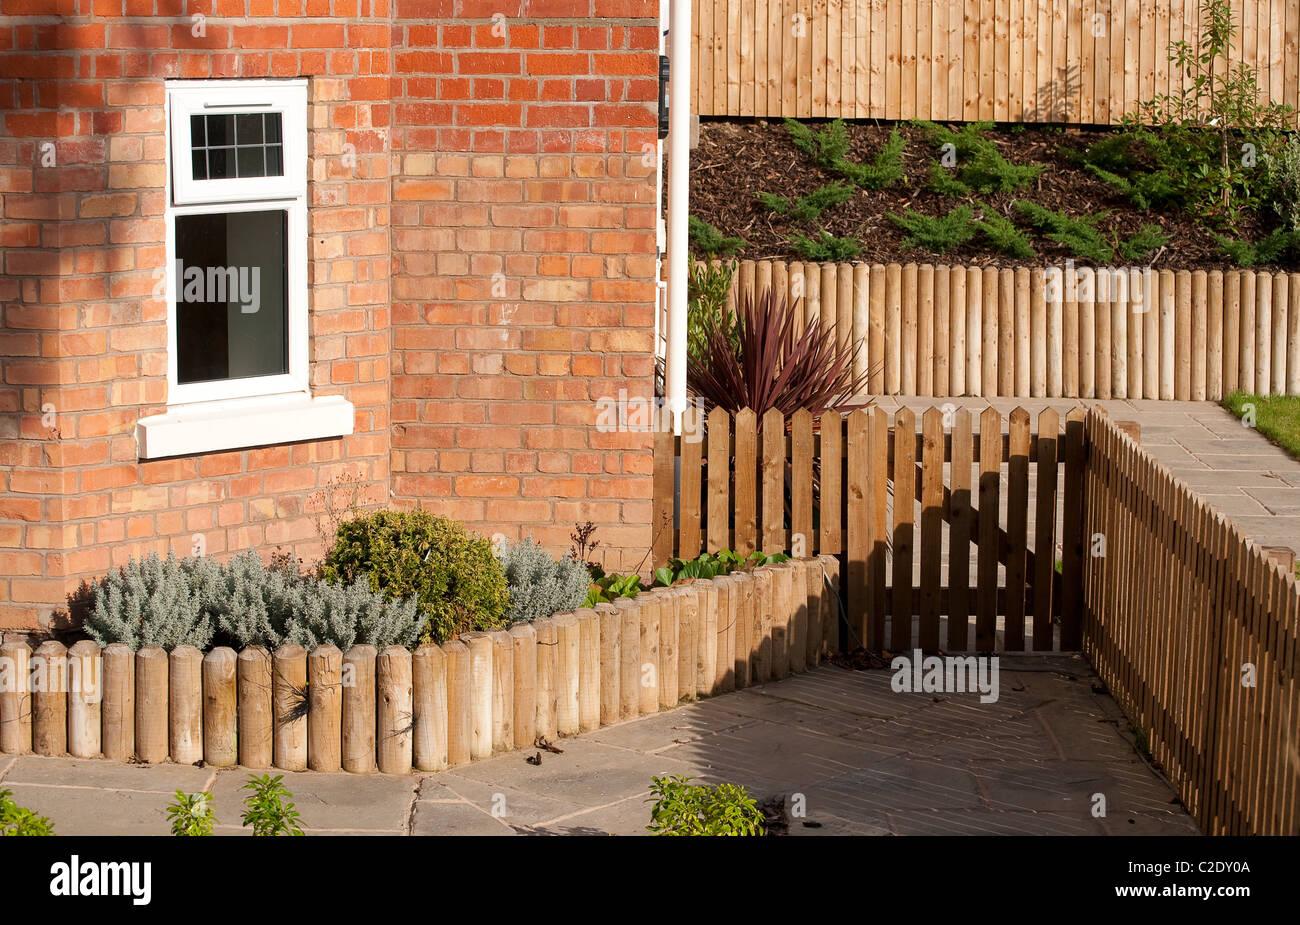 Holztor Zaun Und Einfassung In Einem Neu Angelegten Garten Vor